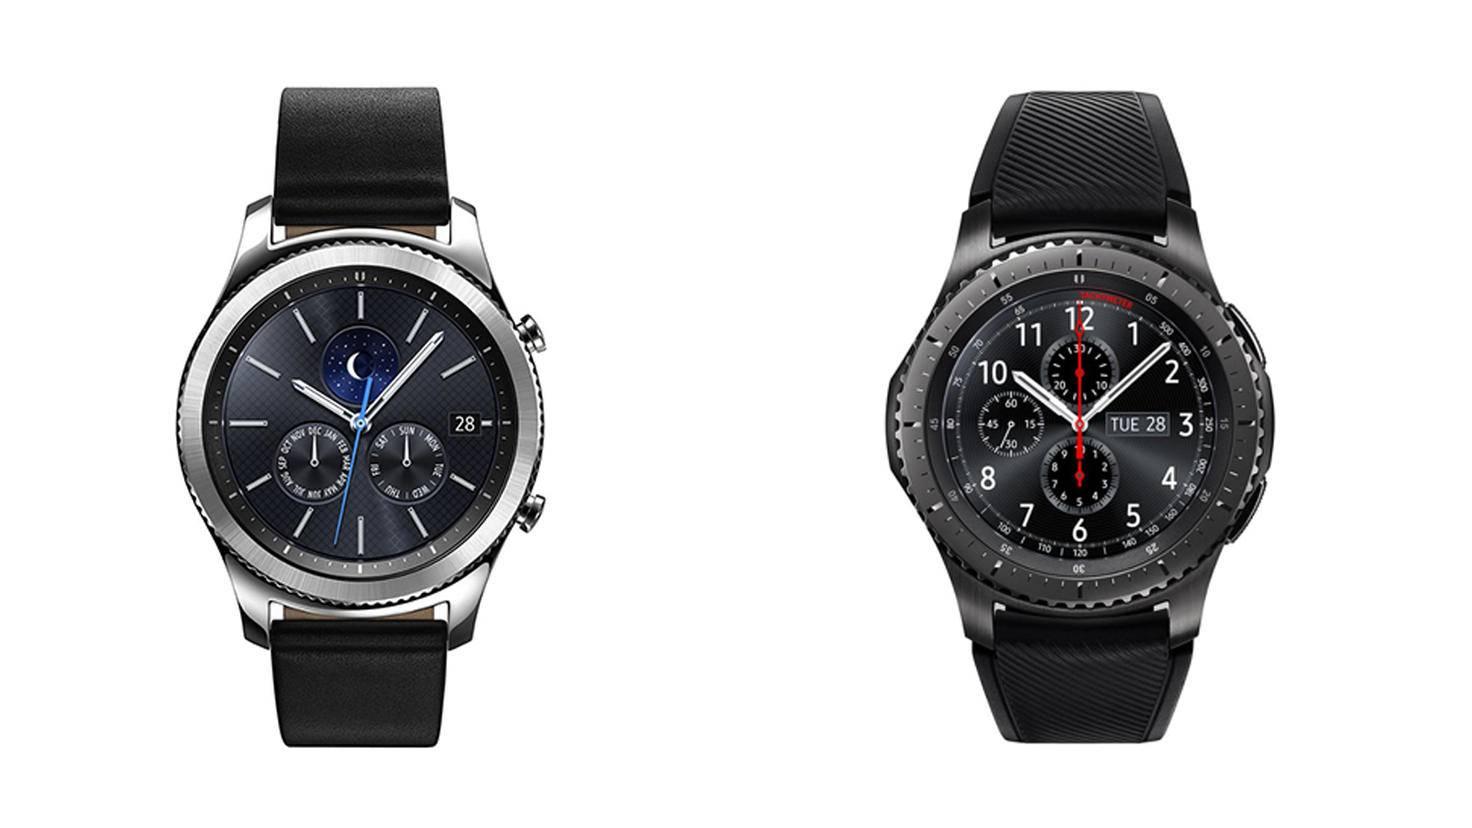 Das Display der Samsung Gear S3 erinnert deutlich an das herkömmlicher Armbanduhren.